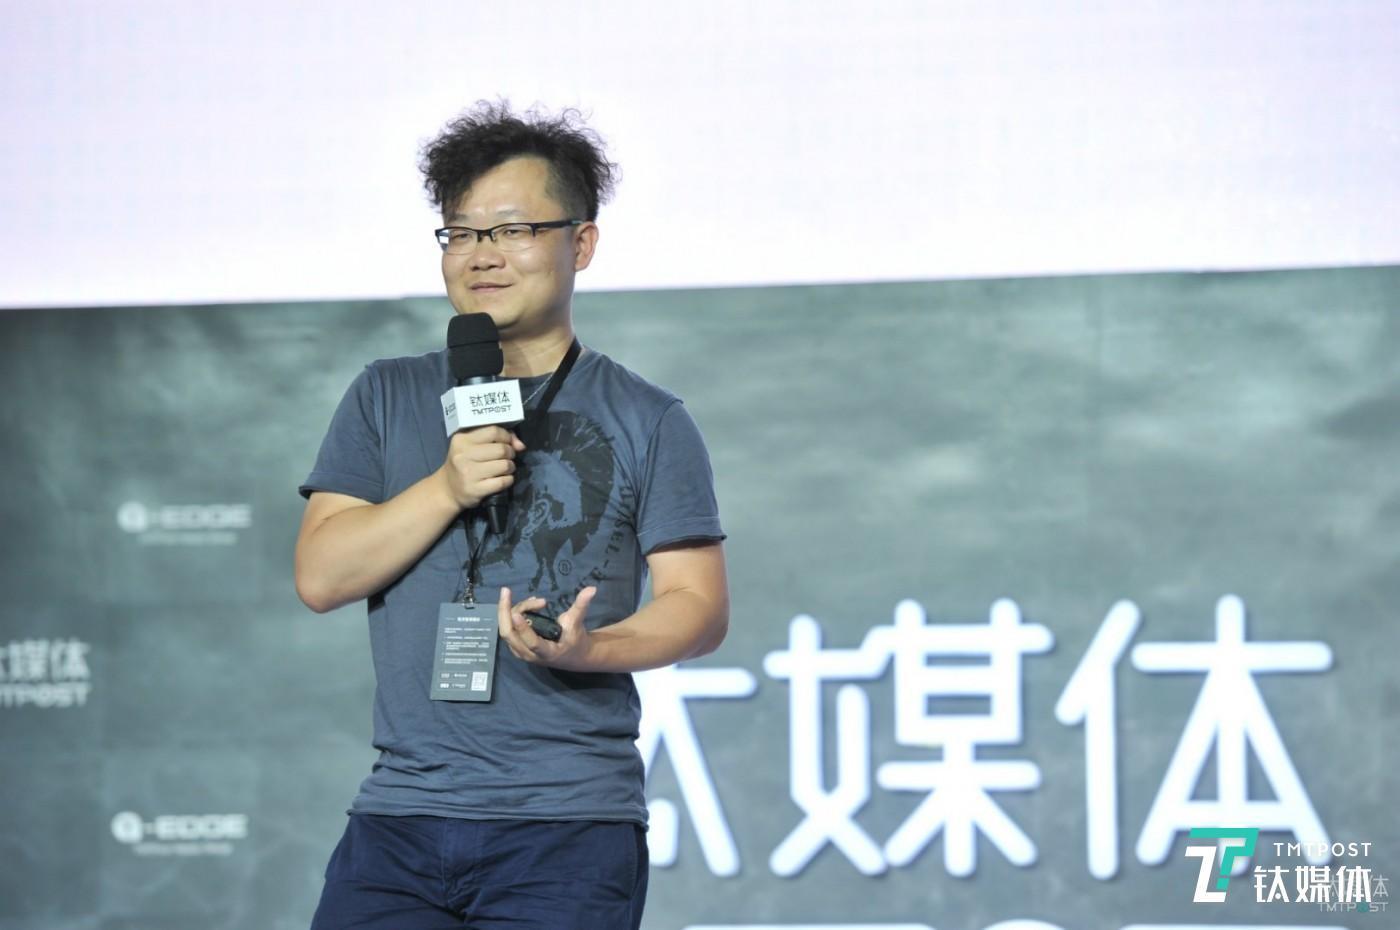 2017年7月,创始人阳陆育在钛媒体科技生活节上发表演讲